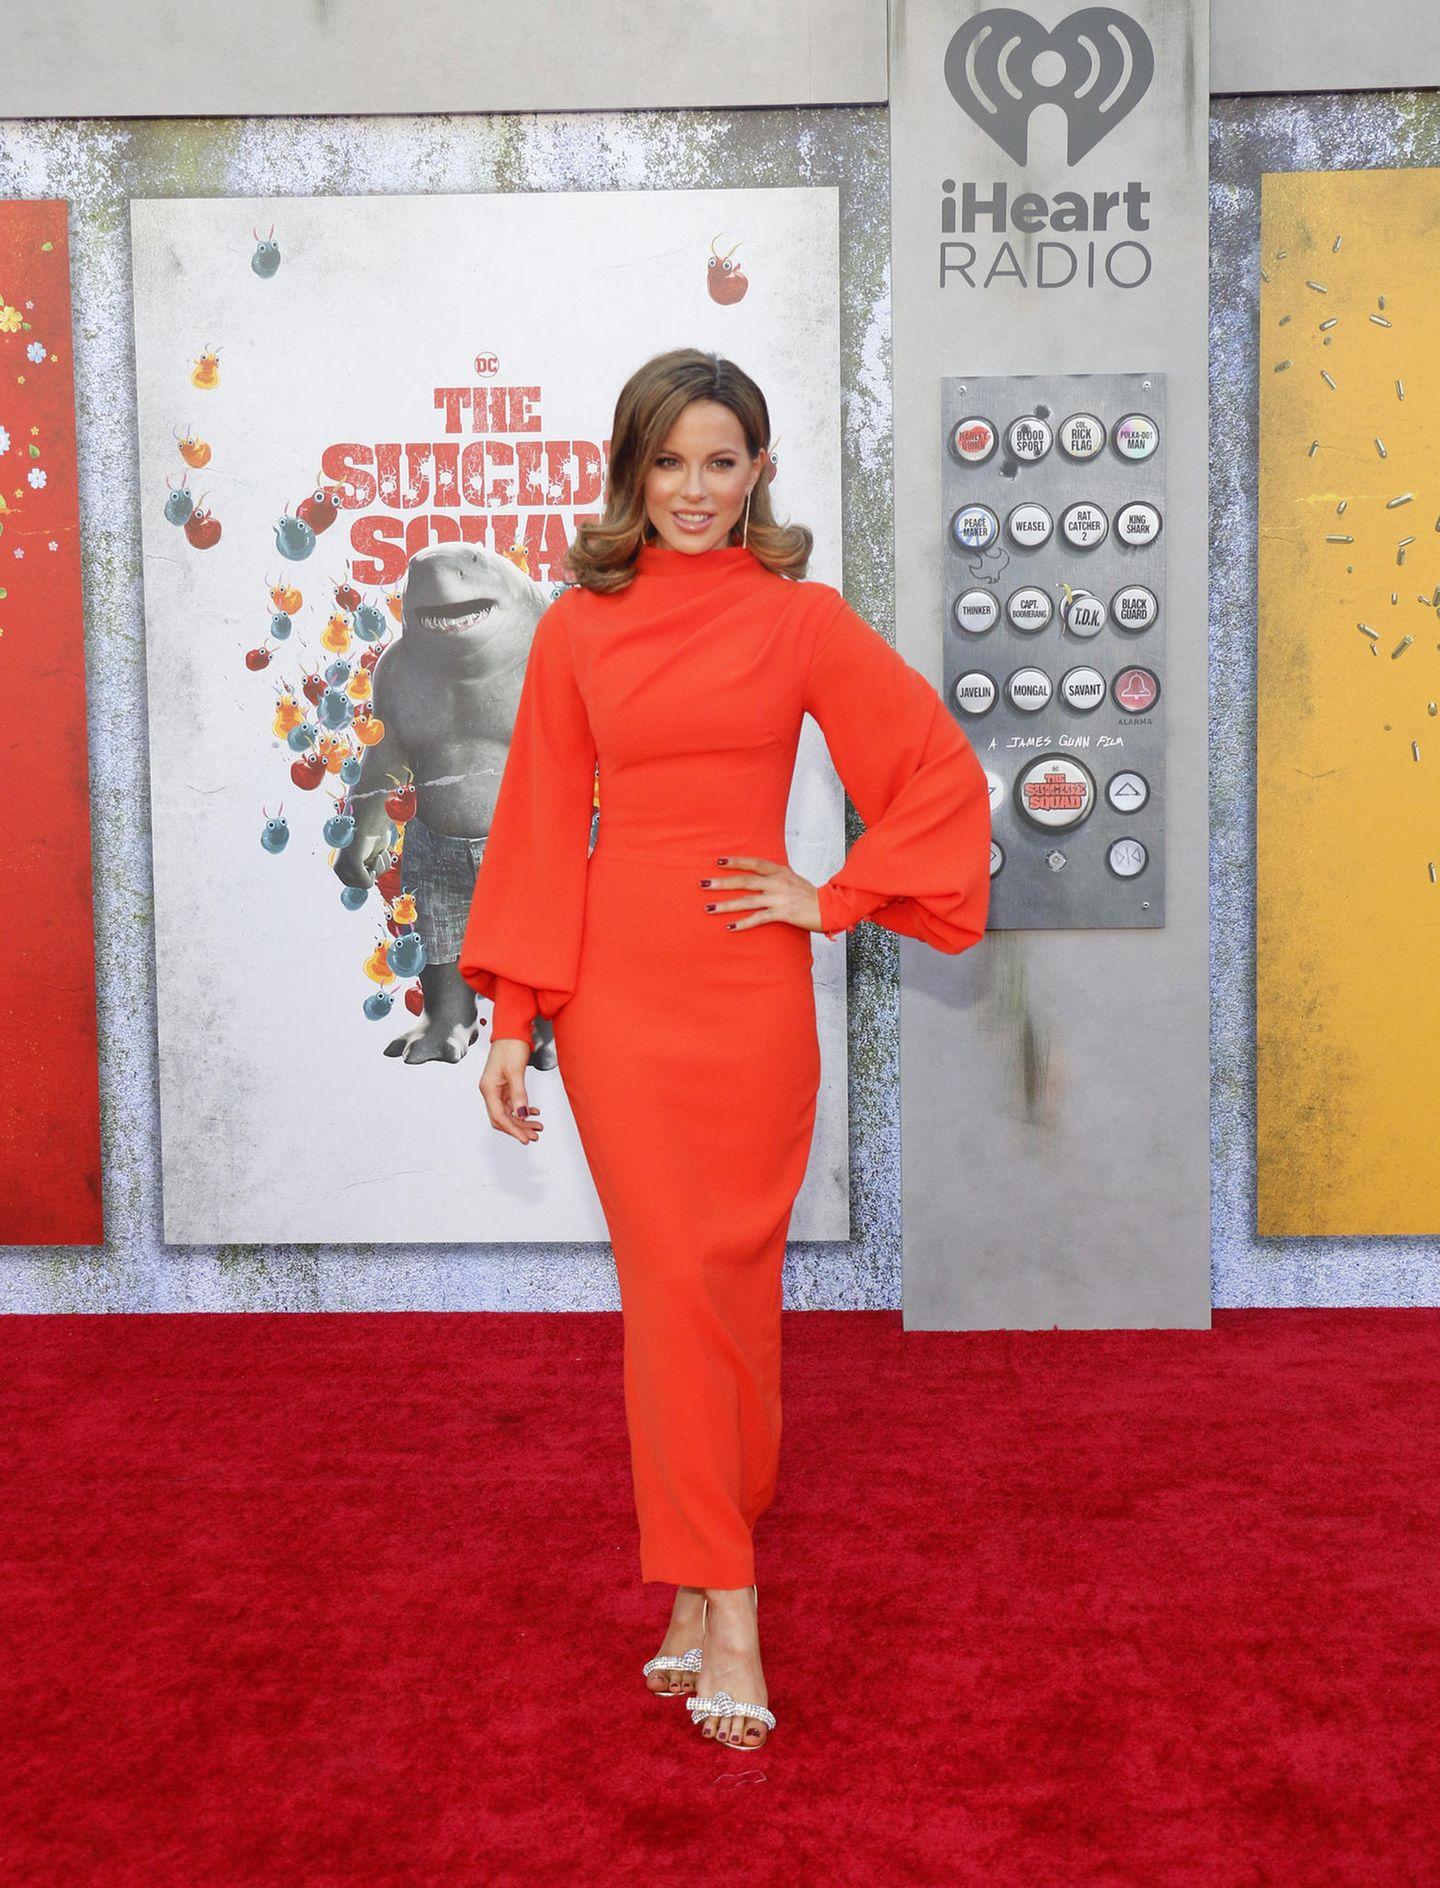 """Zur """"The Suicid Squad""""-Filmpremiere erscheint Kate Beckinsale in einem extravaganten Kleid von Rasario, das mit Ballonärmeln, hochgeschlossenen Kragen und taillierter Form punktet. IhreHaare hat die Schauspielerin in den Spitzen schwungvoll nach außen föhnen lassen."""